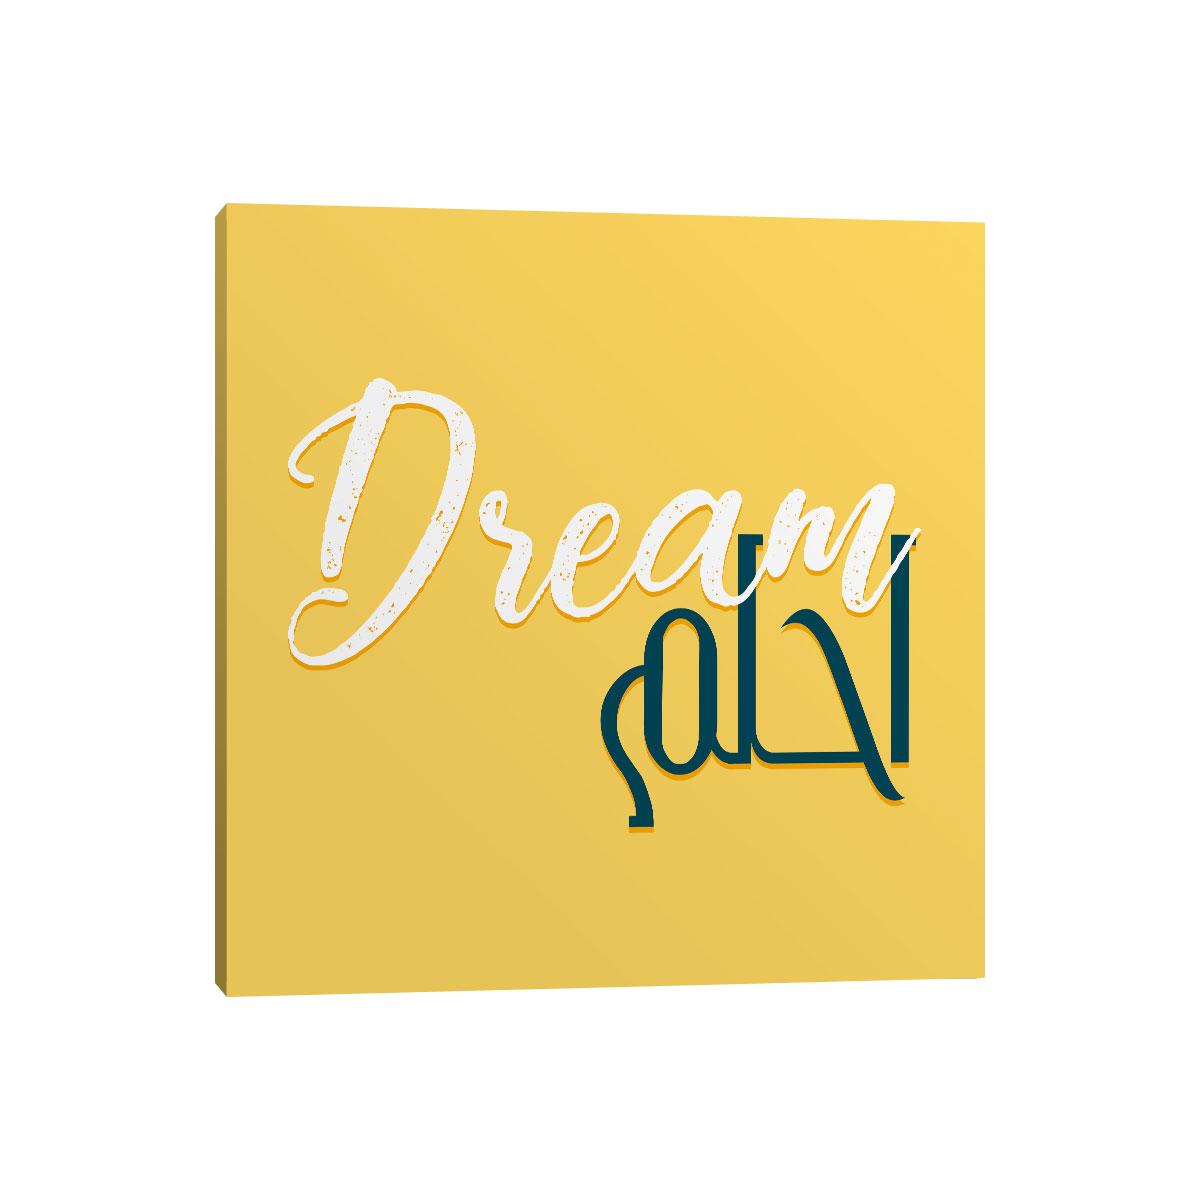 """لوحات جدارية - لوحة ل كلمة """"احلم """" باللون الأصفر والازرق المتناسقين - لوحة فنية جدارية لكلمة """"احلم"""" , الصورة مصممة باللون الأصفر والازرق الذي يتناسب مع جميع الغرف الانيقة"""